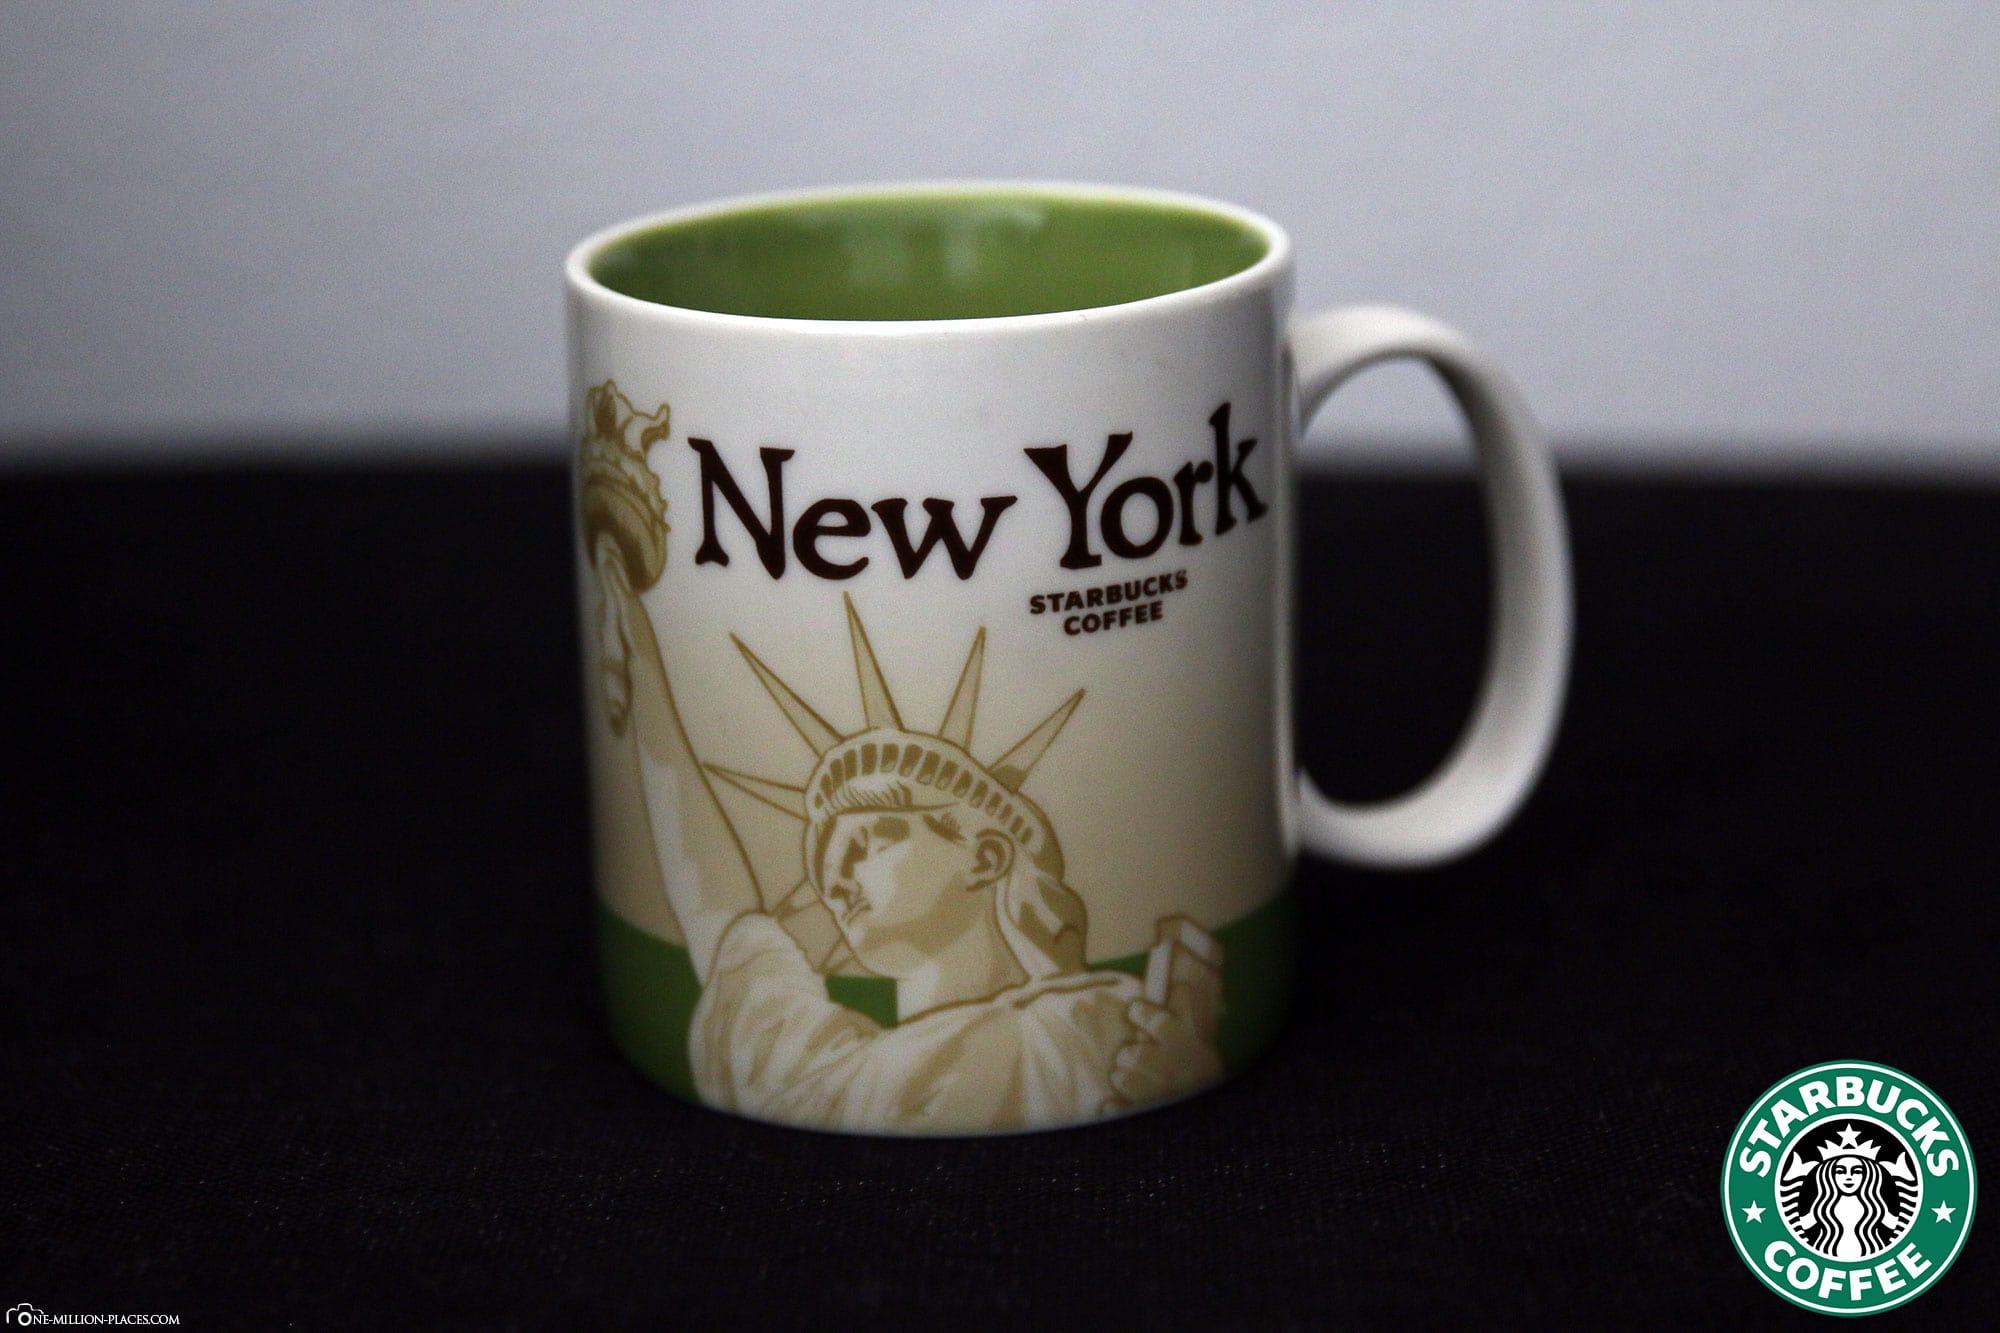 New York, Starbucks Tasse, Global Icon Serie, City Mugs, Sammlung, USA, Reisebericht